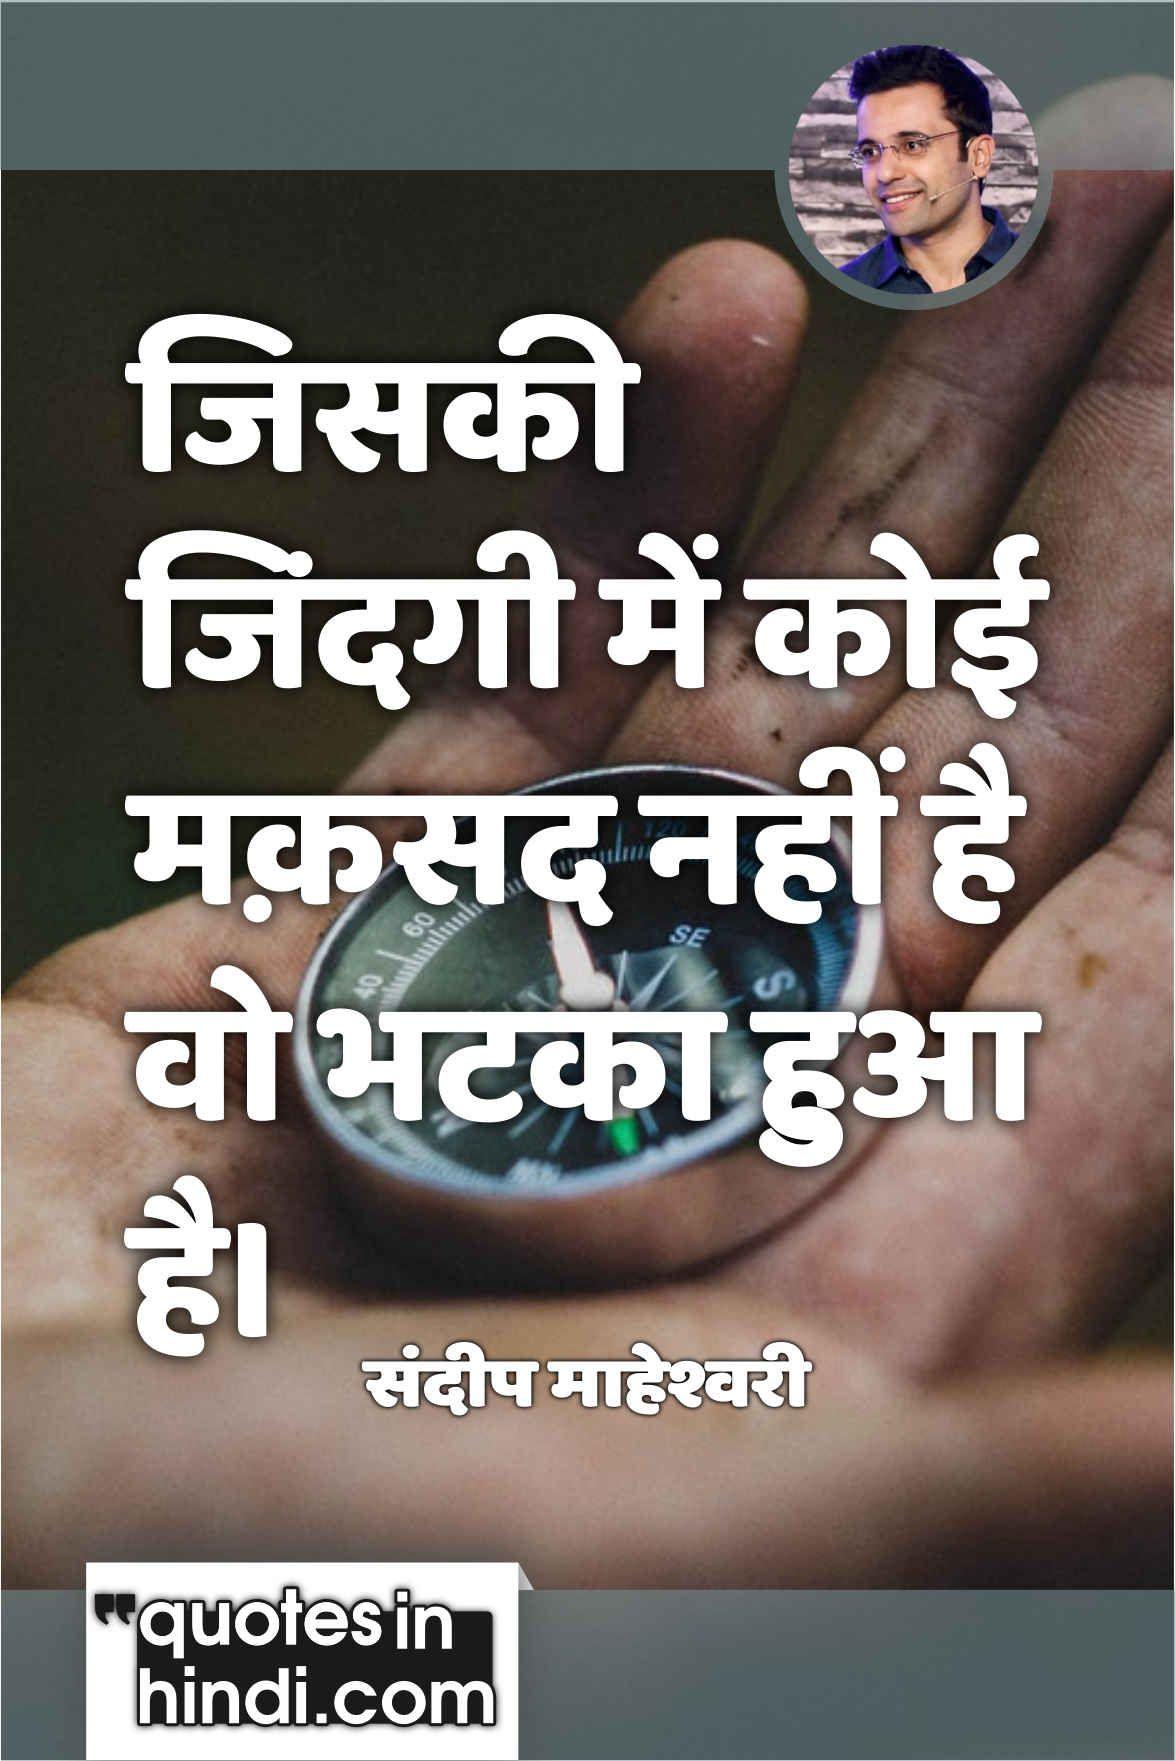 Sandeep Maheshwari Quotes in Hindi Sandeep maheshwari